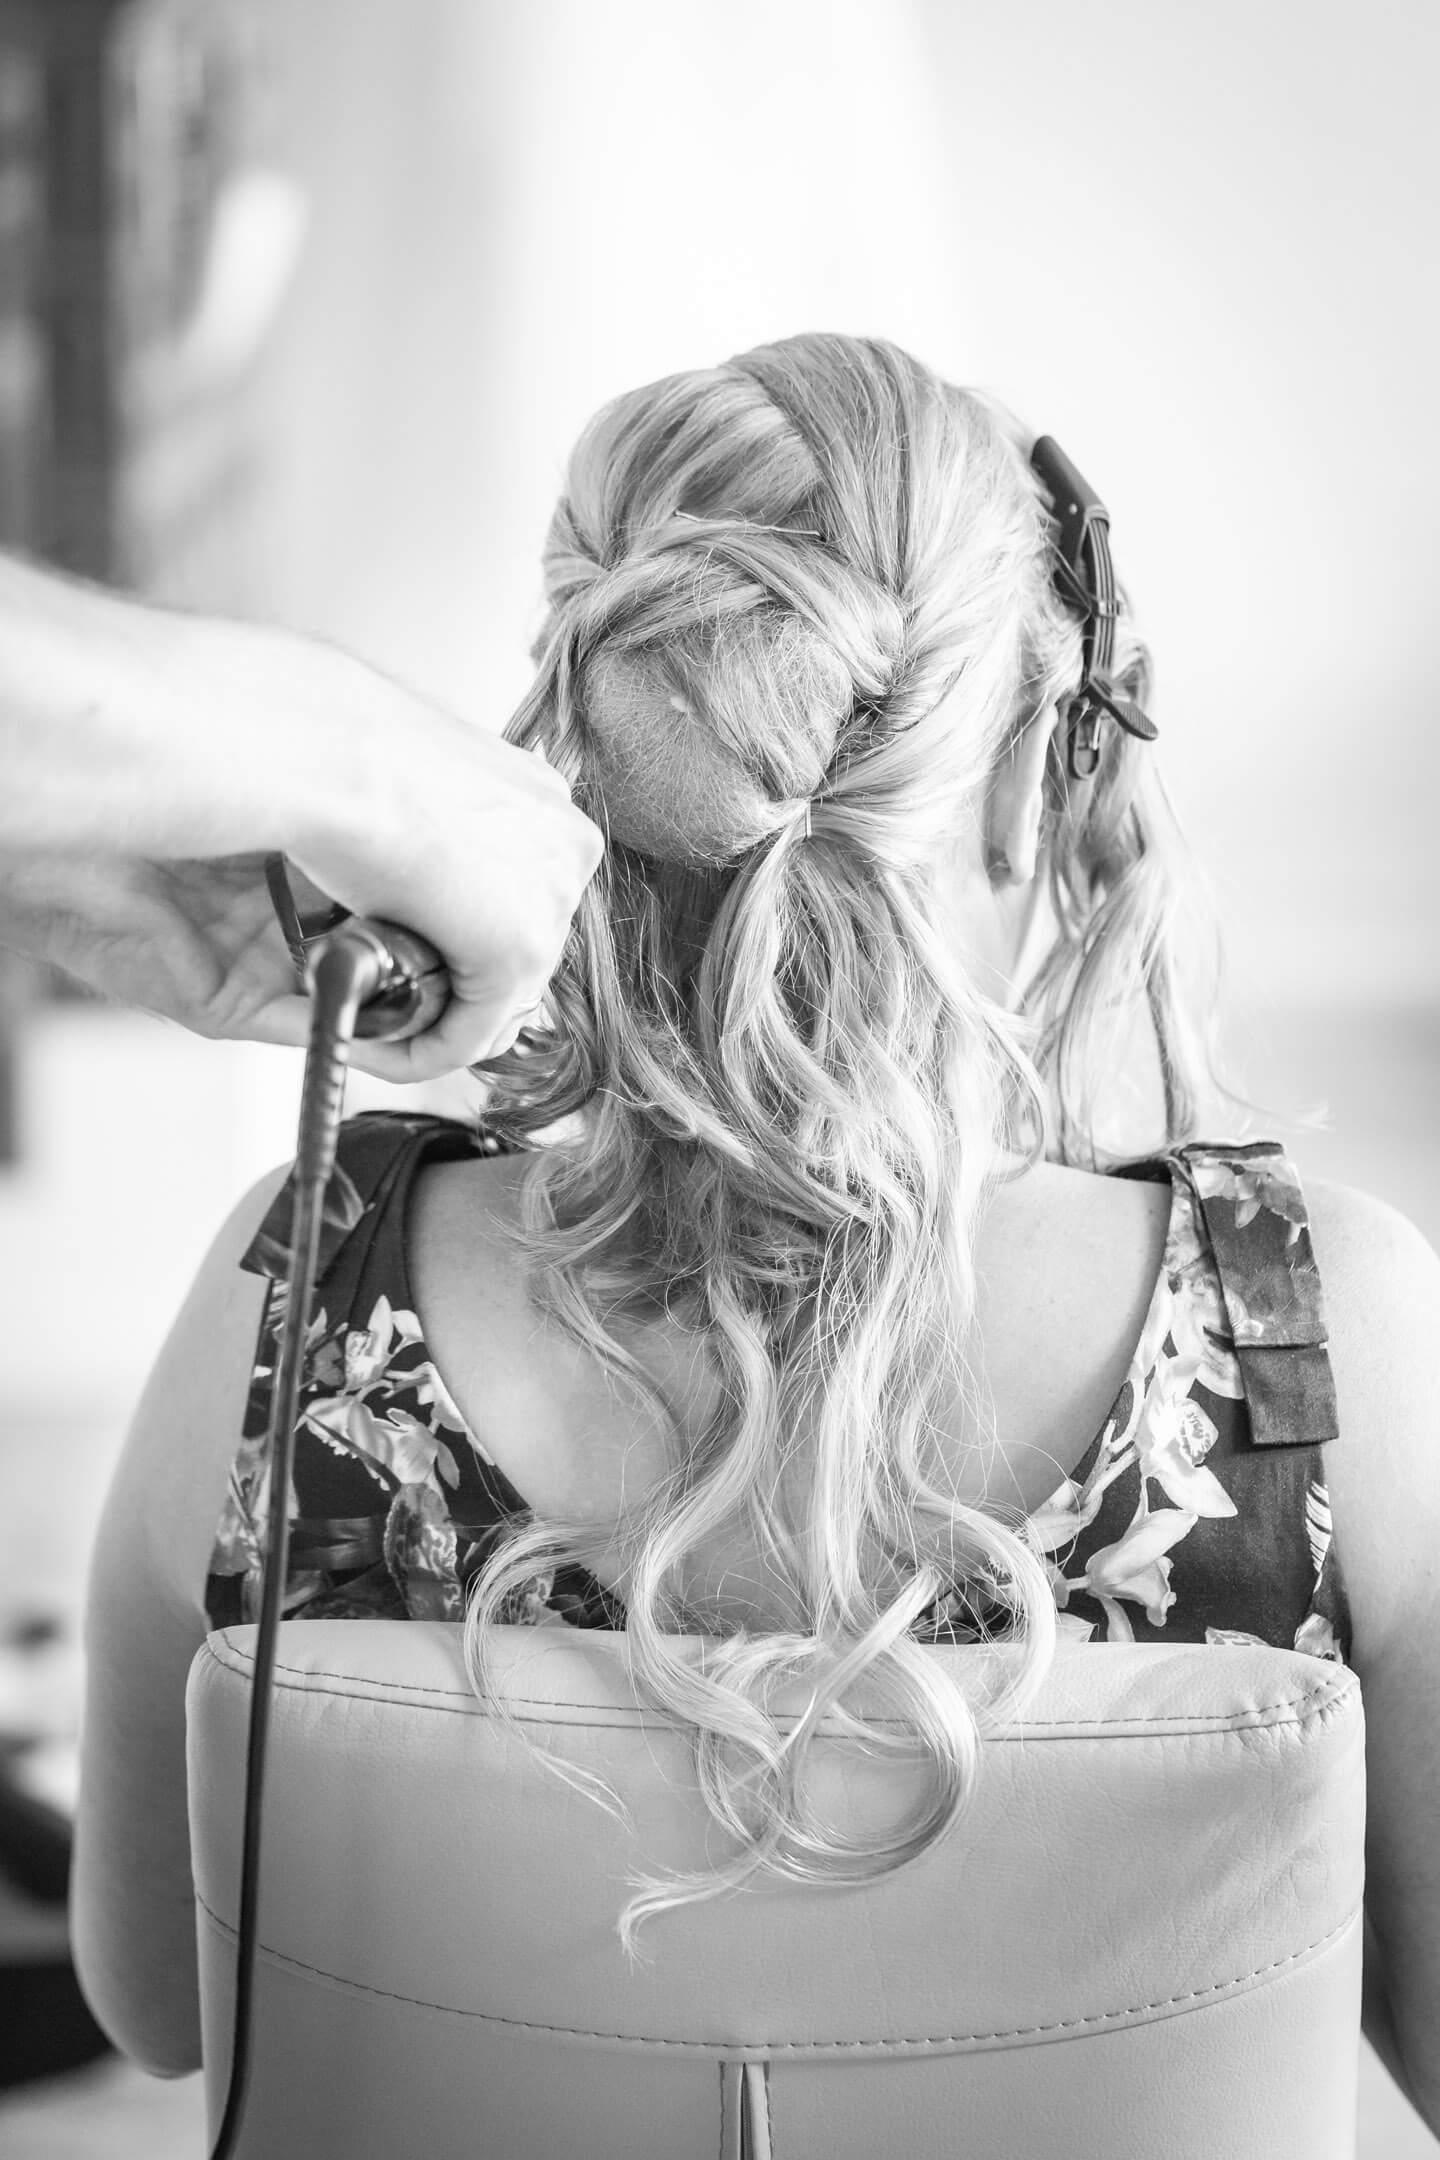 Hochzeitsreportage - der Braut werden die Haare gestylt